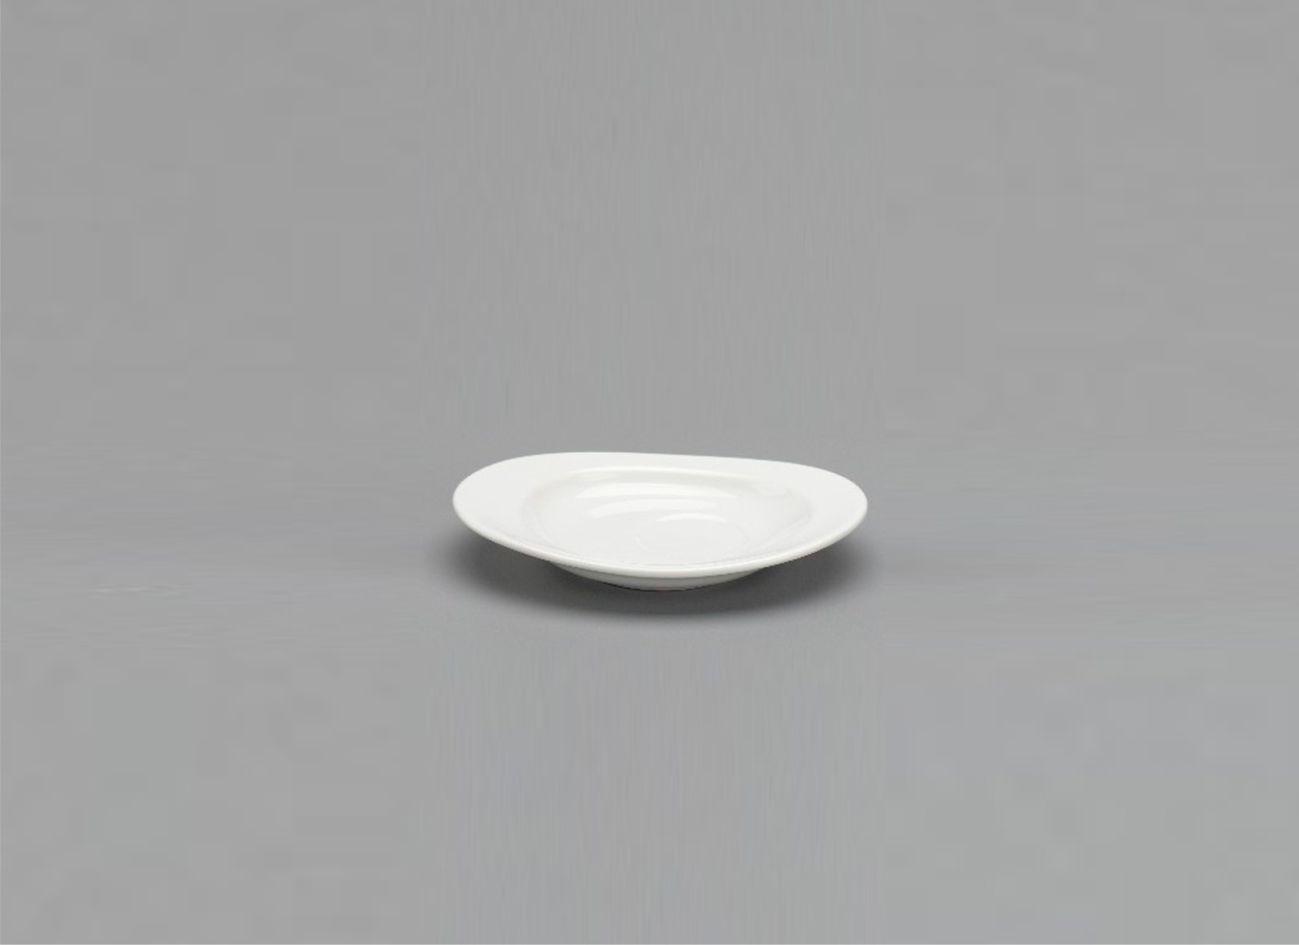 Dĩa lót oval 14 x 10cm Daisy Lys Trắng Ngà 571443000